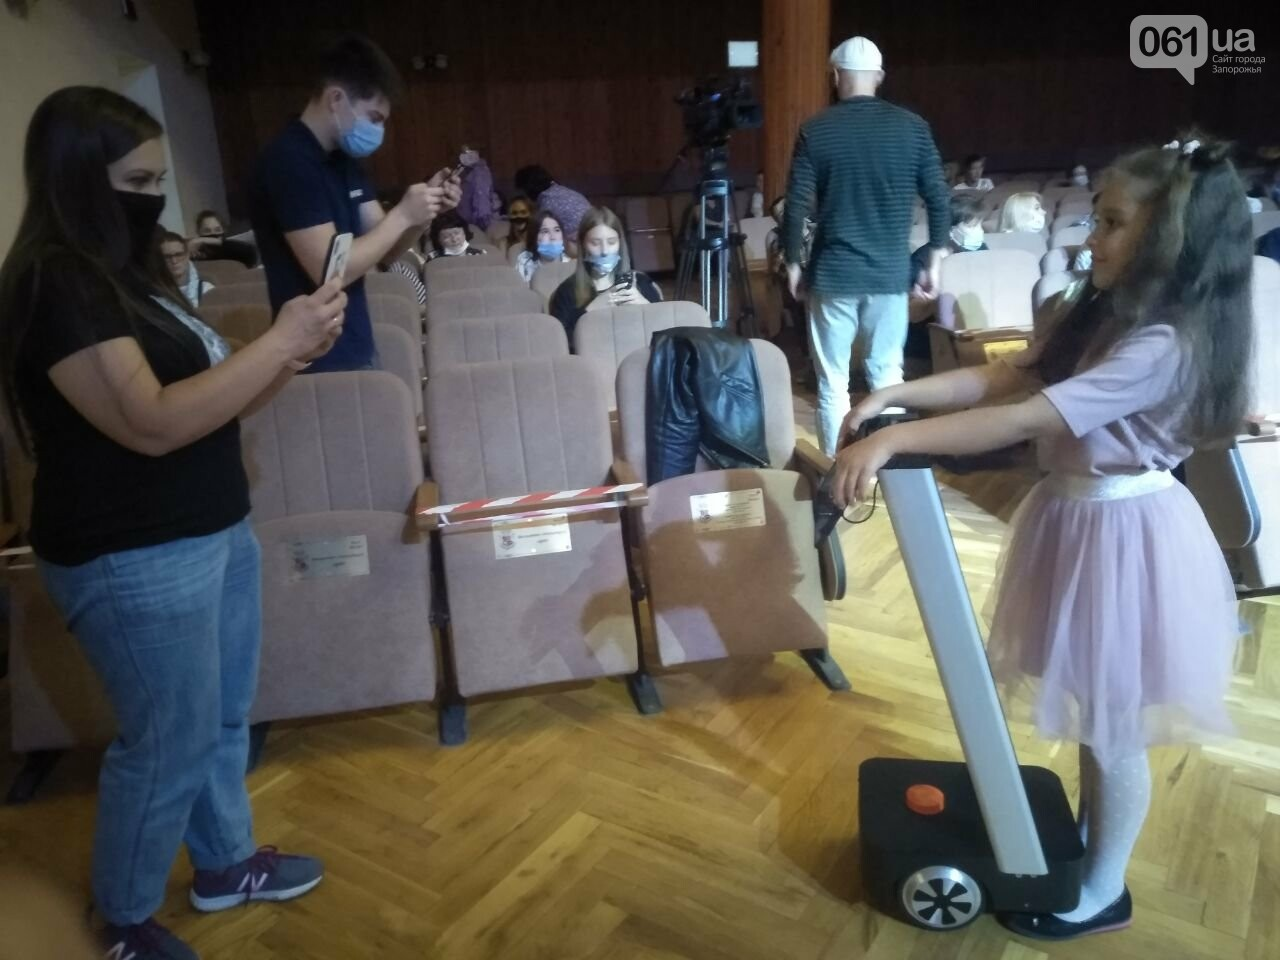 Роботы-официанты, ретро-экспонаты и физические эксперименты: как в Запорожье прошла «Ночь науки», фото-3